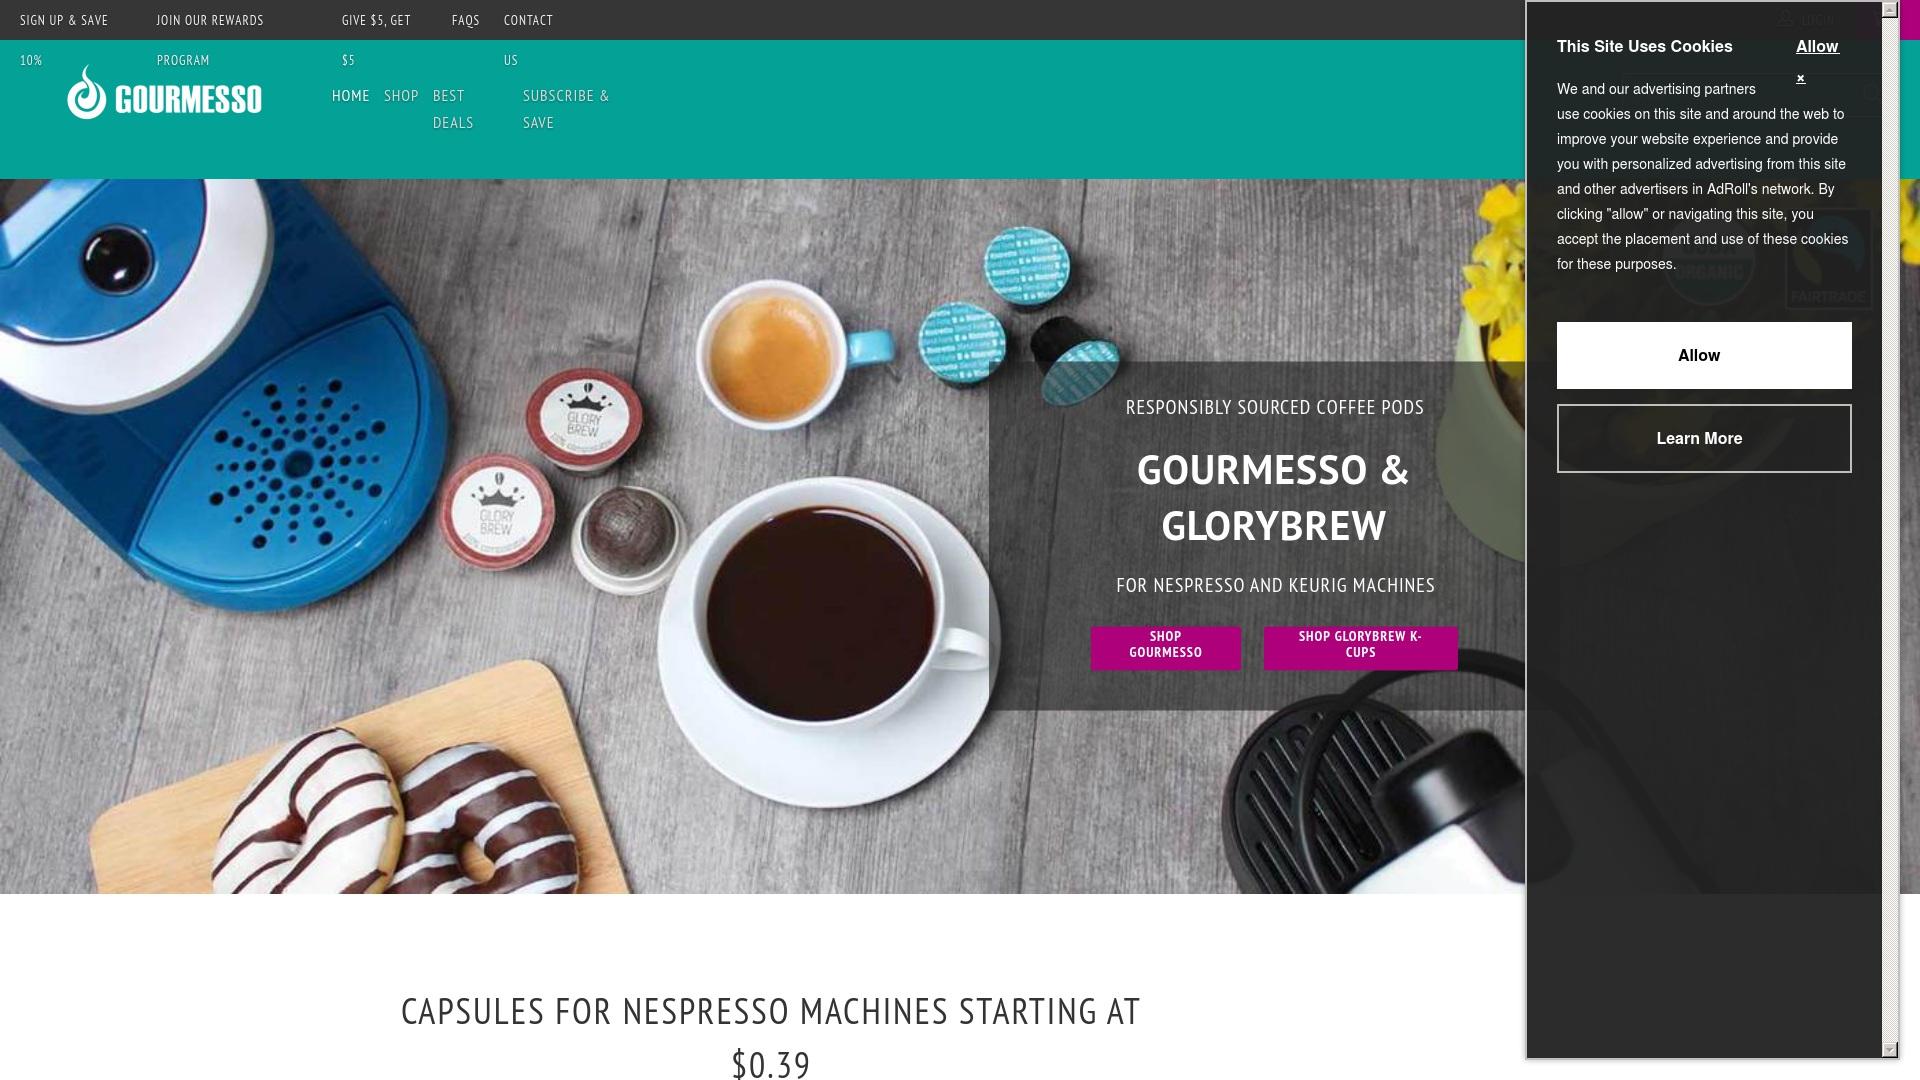 Gutschein für Gourmesso: Rabatte für  Gourmesso sichern